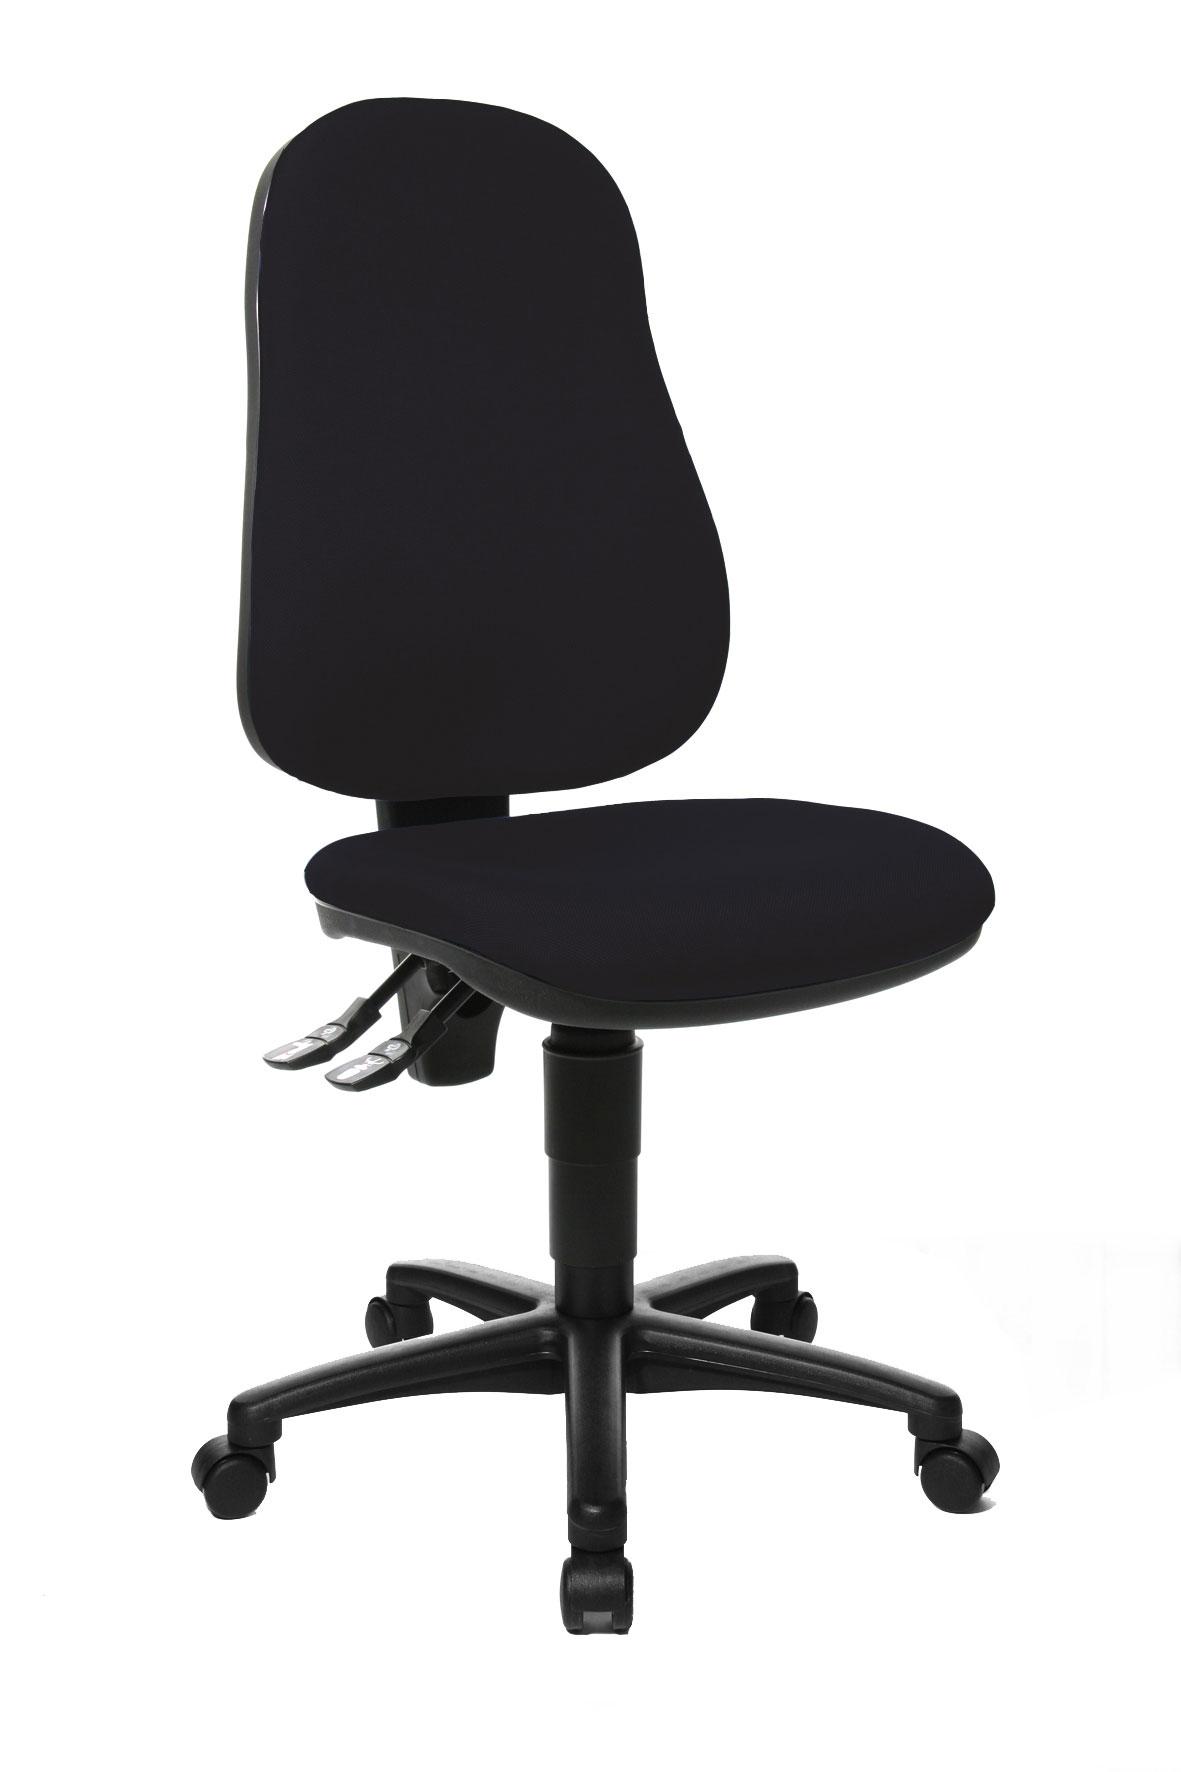 Chaise de bureau contemporaine en tissu noir Baleares